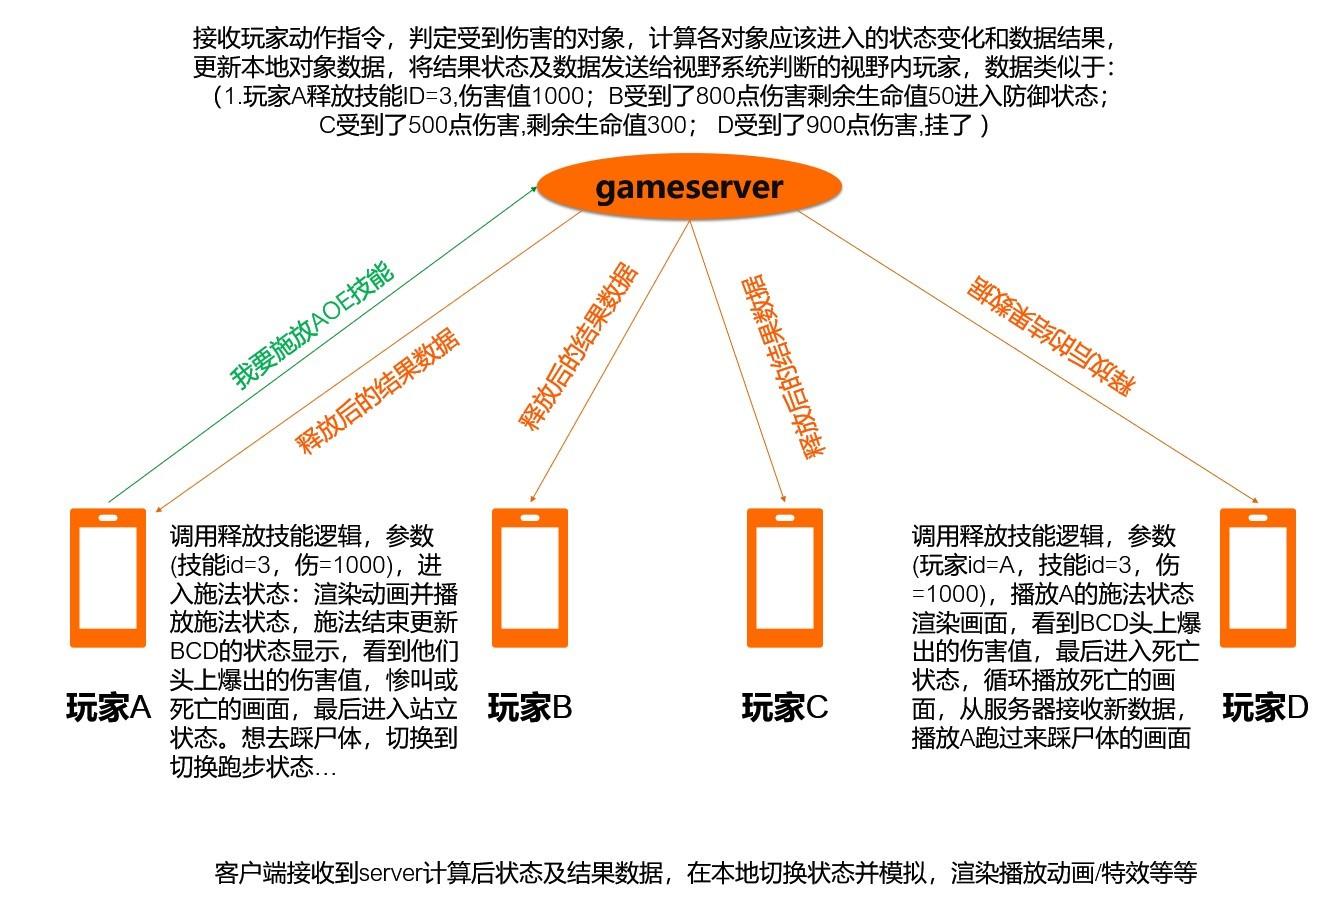 网游云上网络优化⽅案